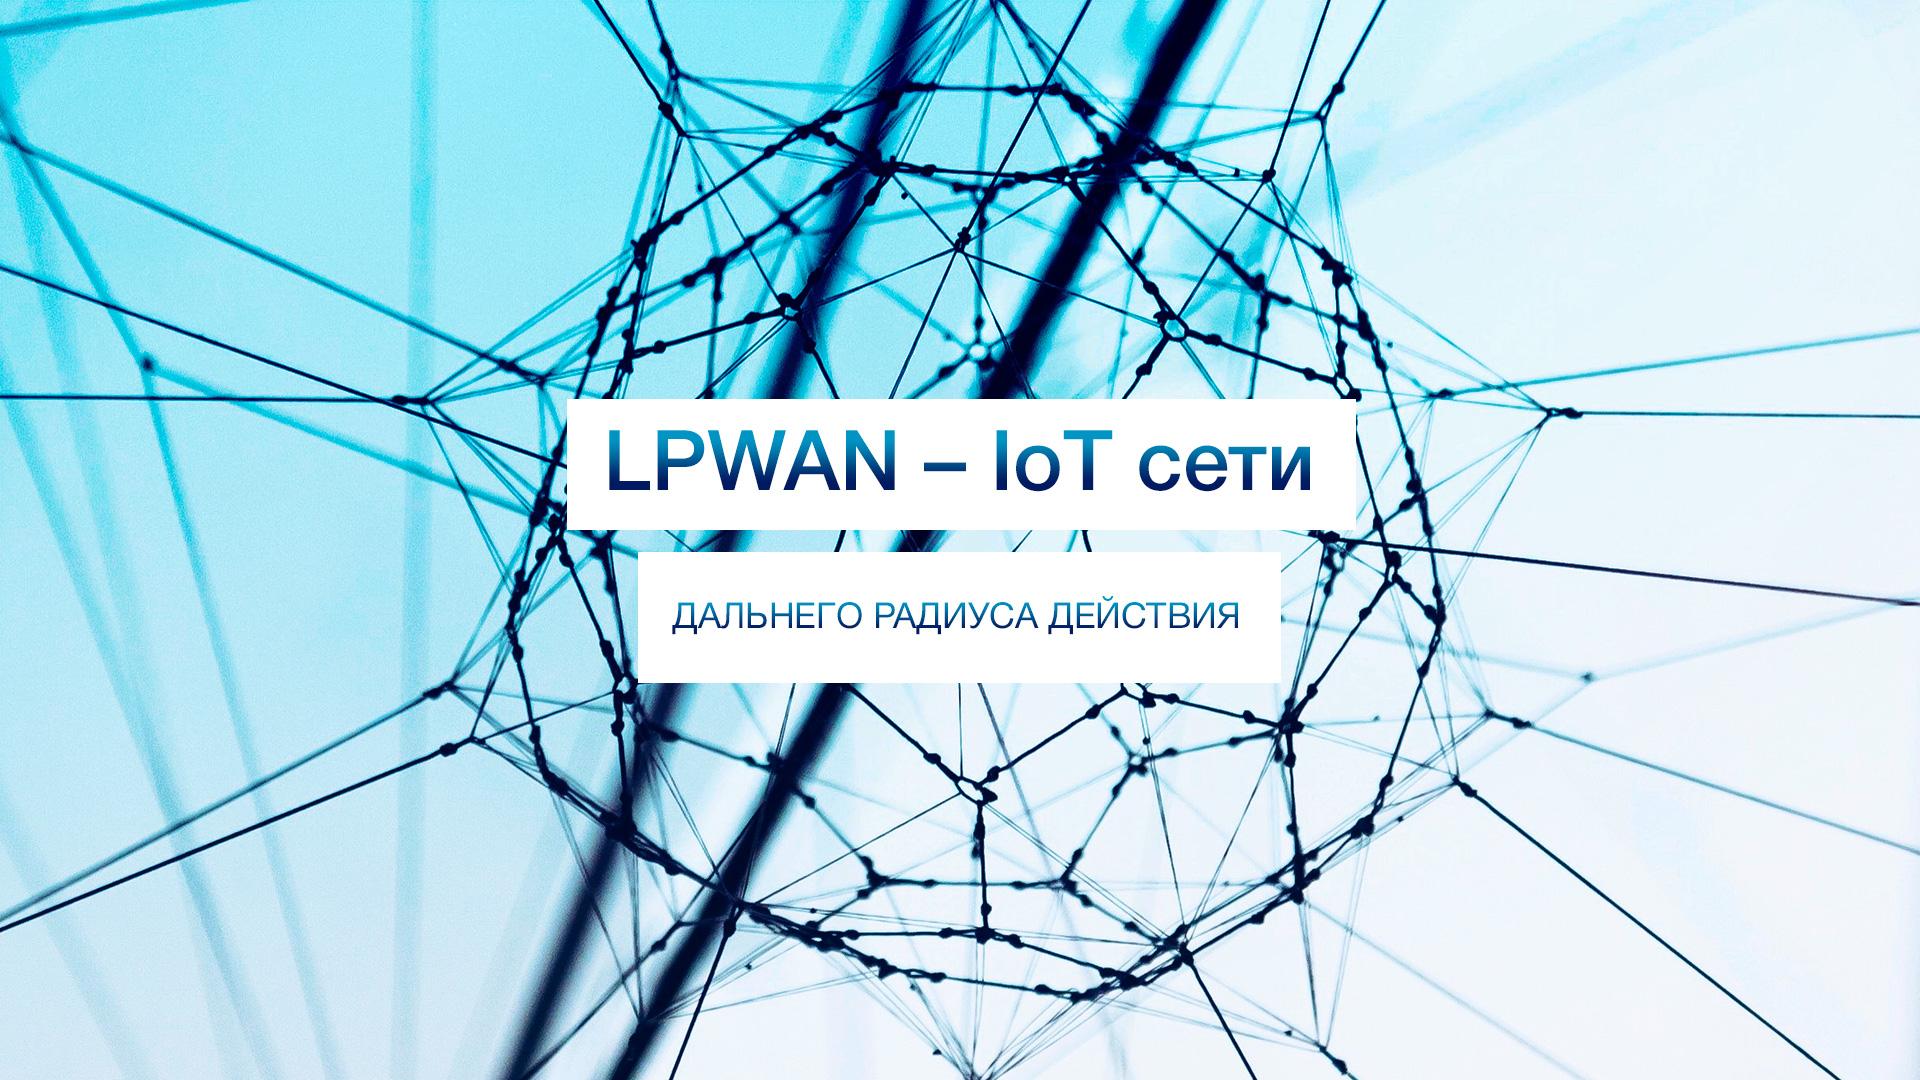 LPWAN - большой обзор сетей дальнего радиуса действия